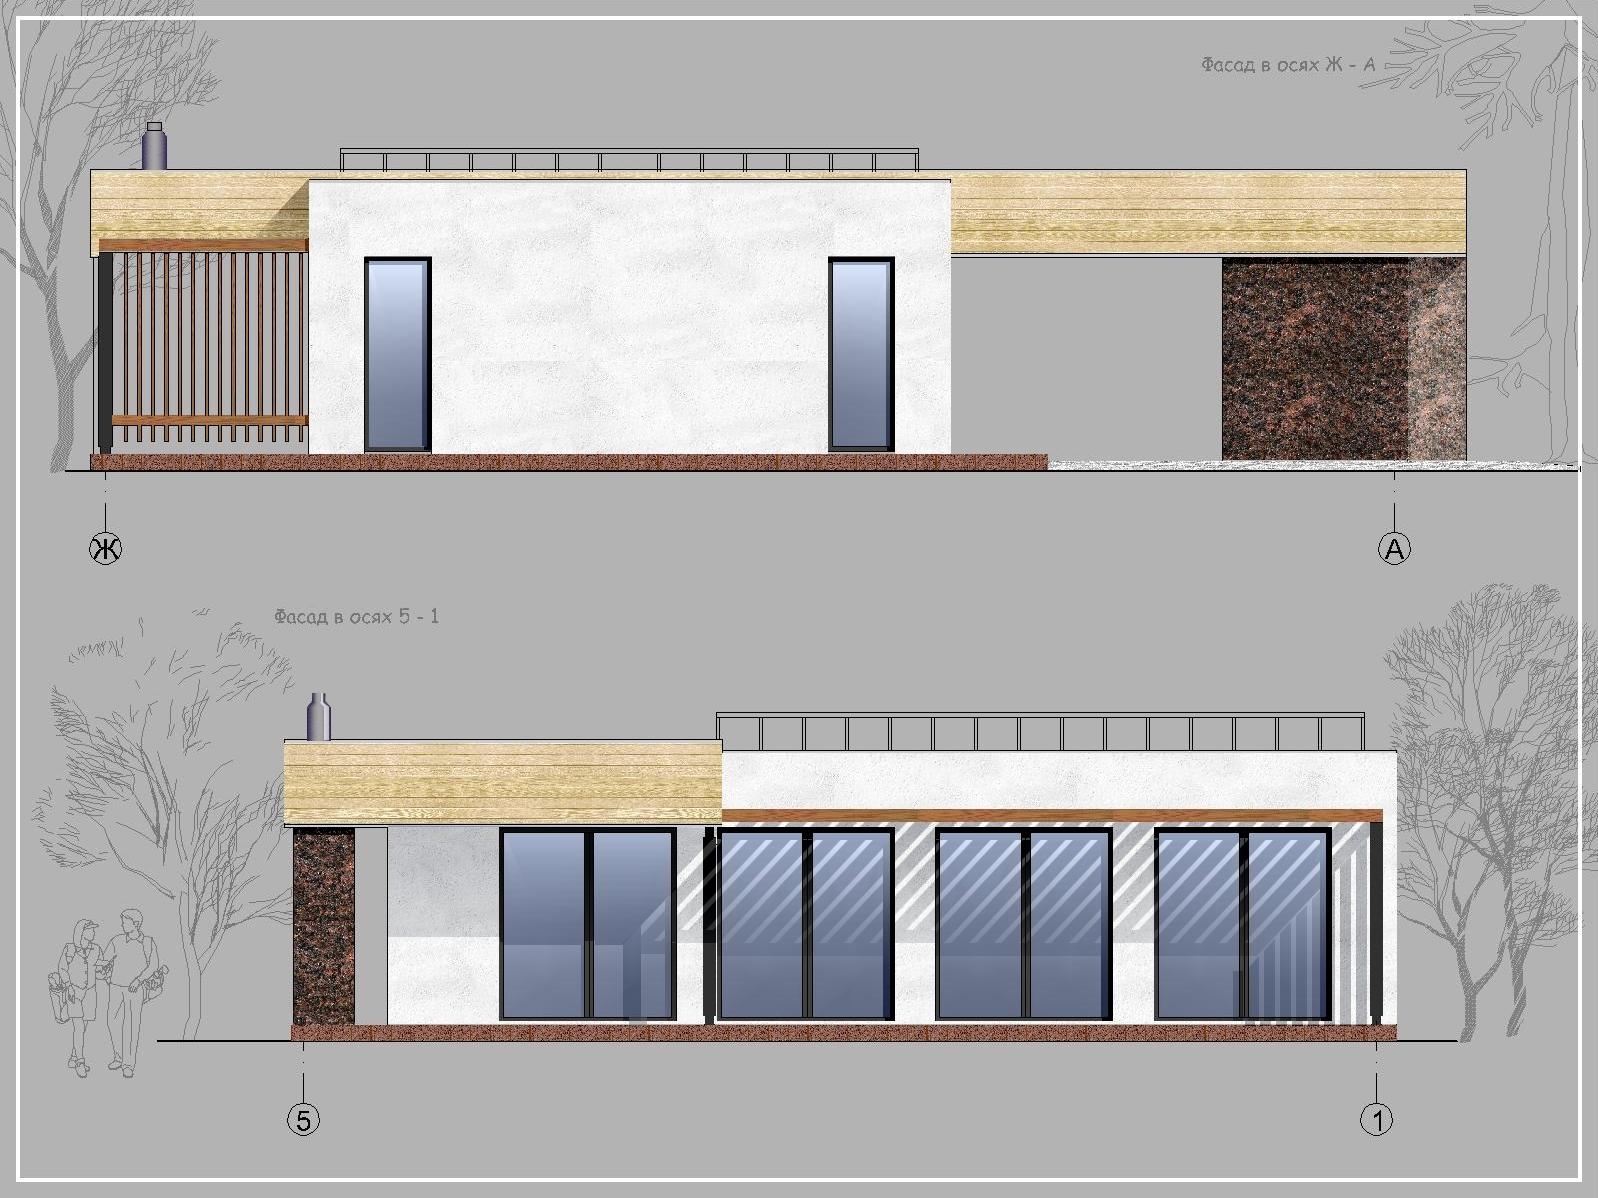 А9 - Проект одноэтажного современного дома с плоской кровлей, панорамными окнами, навесом и террасой - фасады